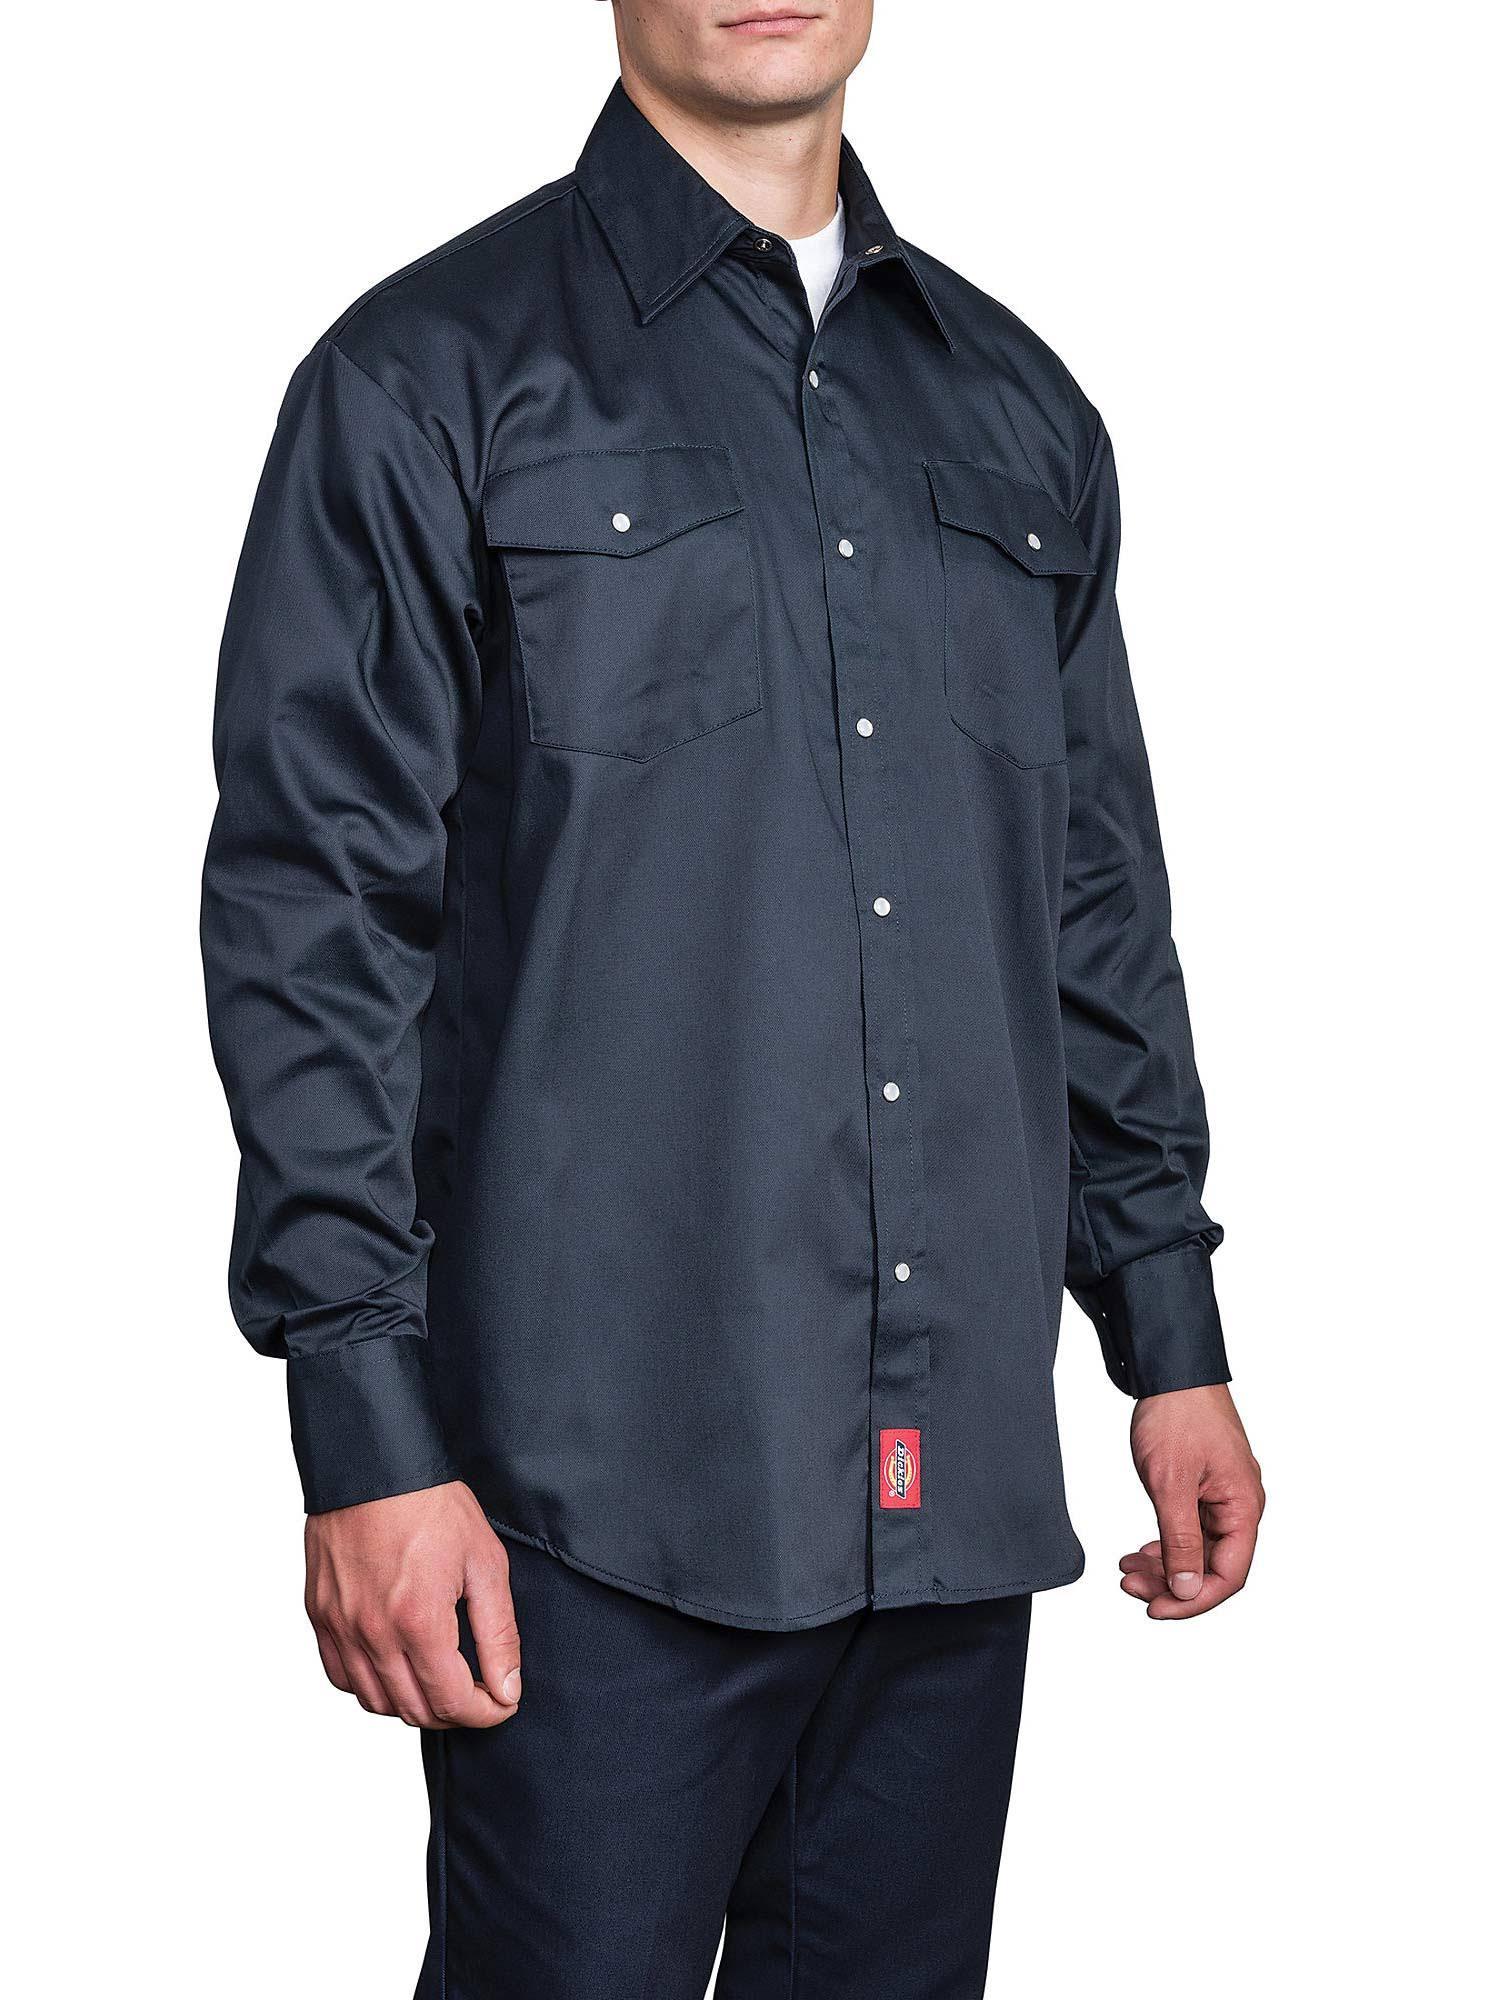 Presión Camisa Cierre Trabajo Con 1221 Pequeño Larga Manga Dickies De Negro A XOrUqw0XT